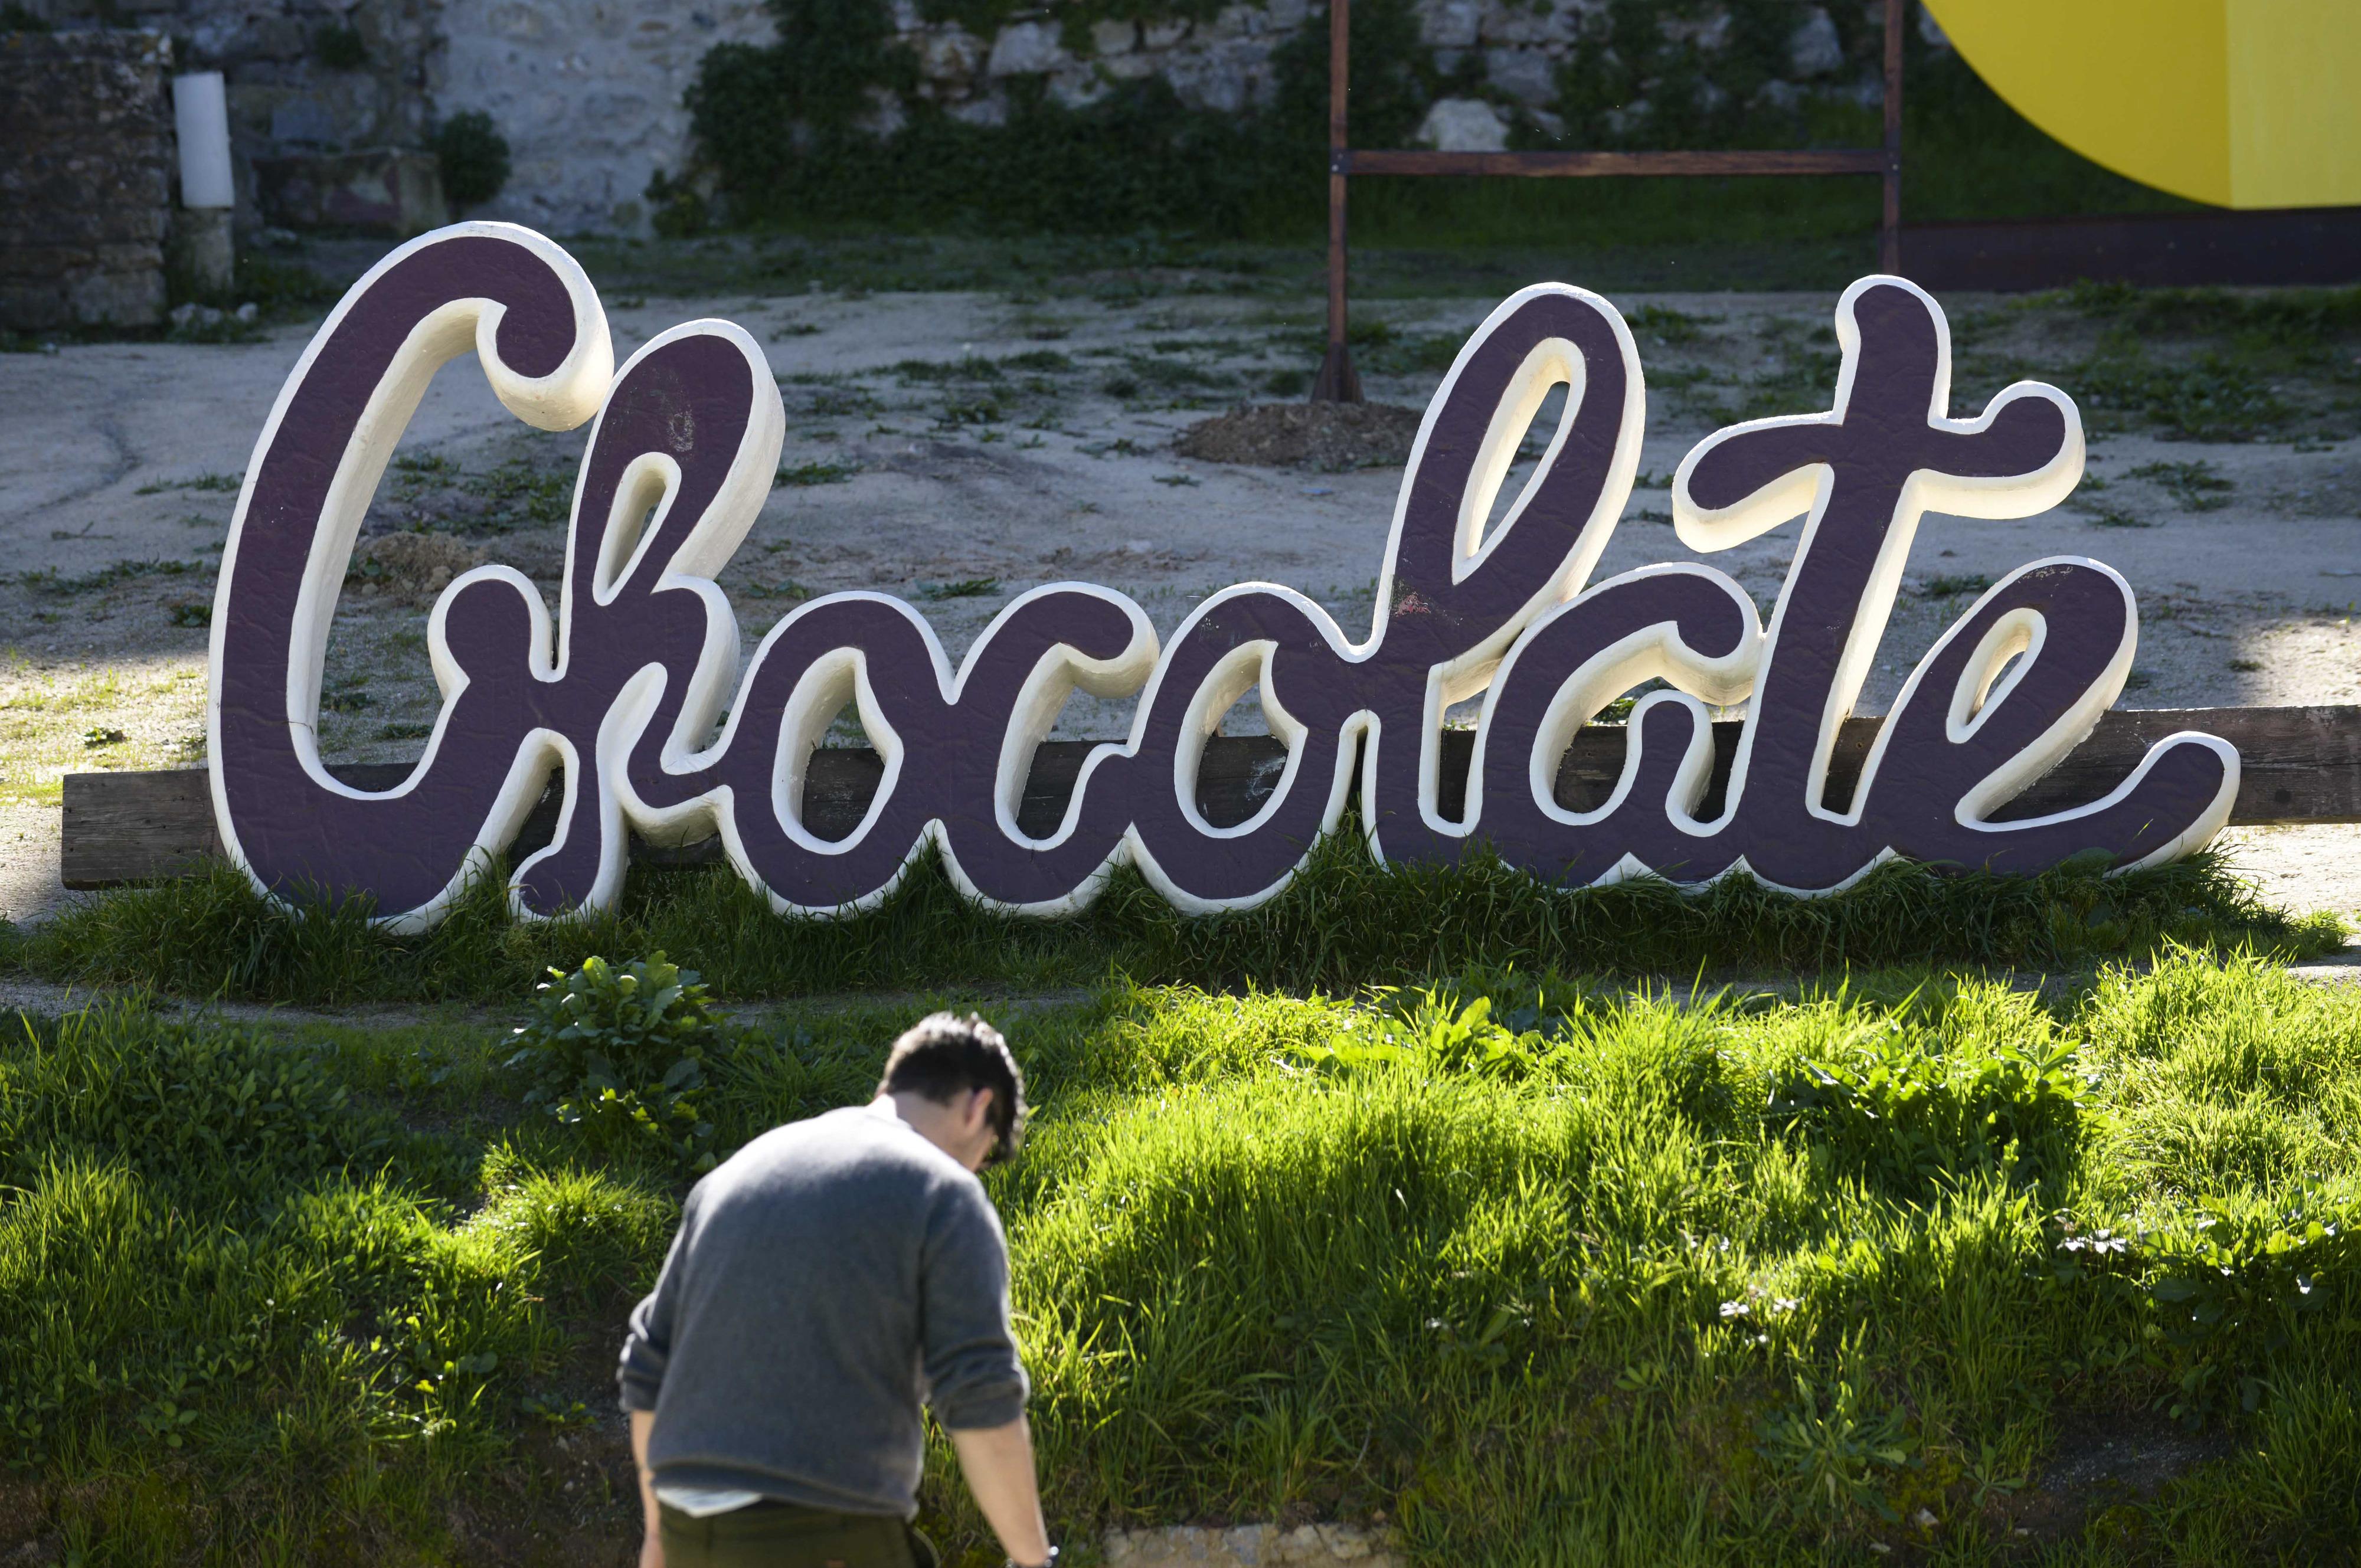 Festival de Óbidos alerta para alterações climáticas com esculturas de chocolate reciclado